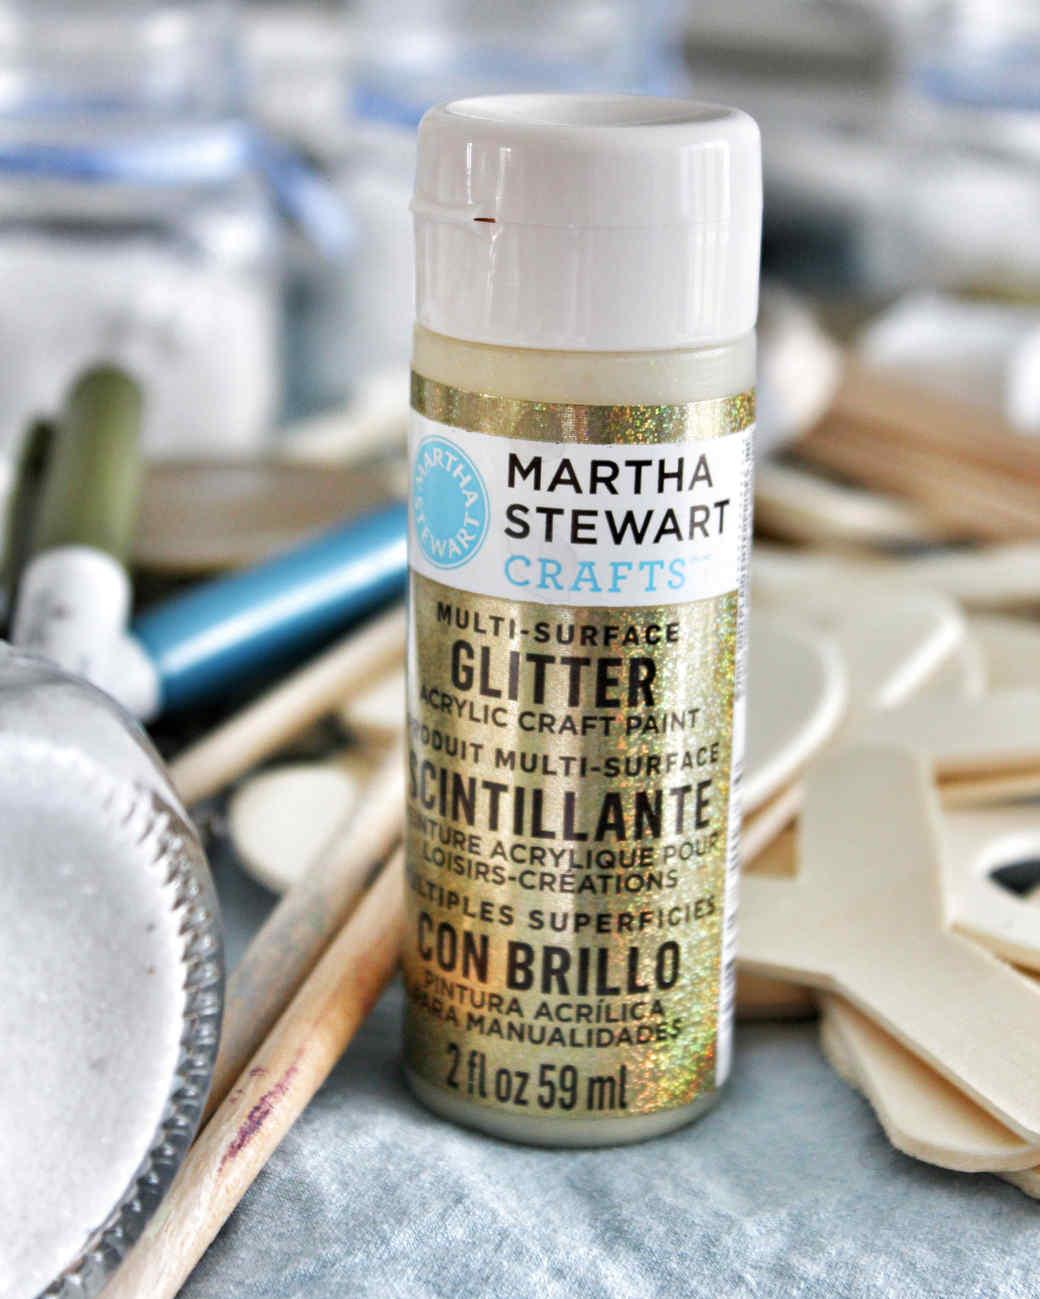 hanukkah latke bar glitter craft paint